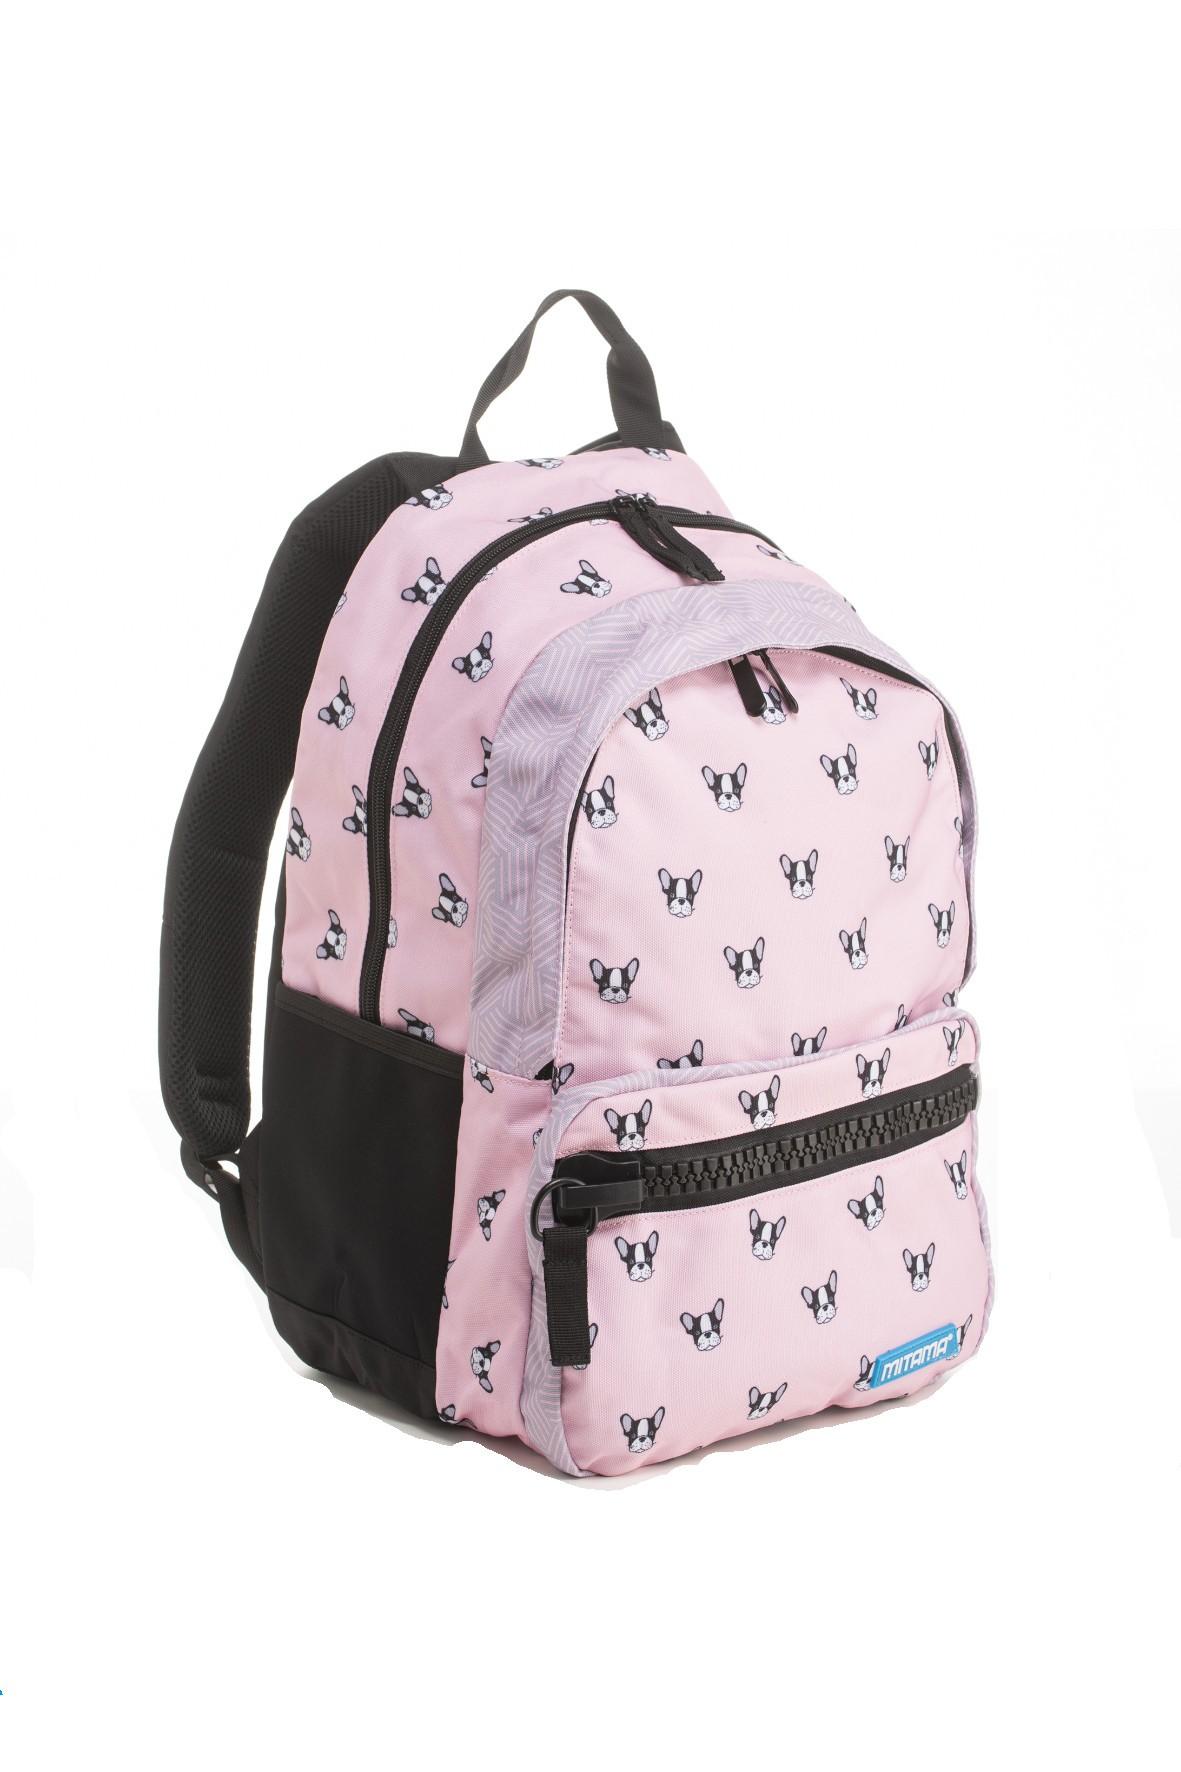 Plecak dziewczęcy szkolny  w pieski - różowy